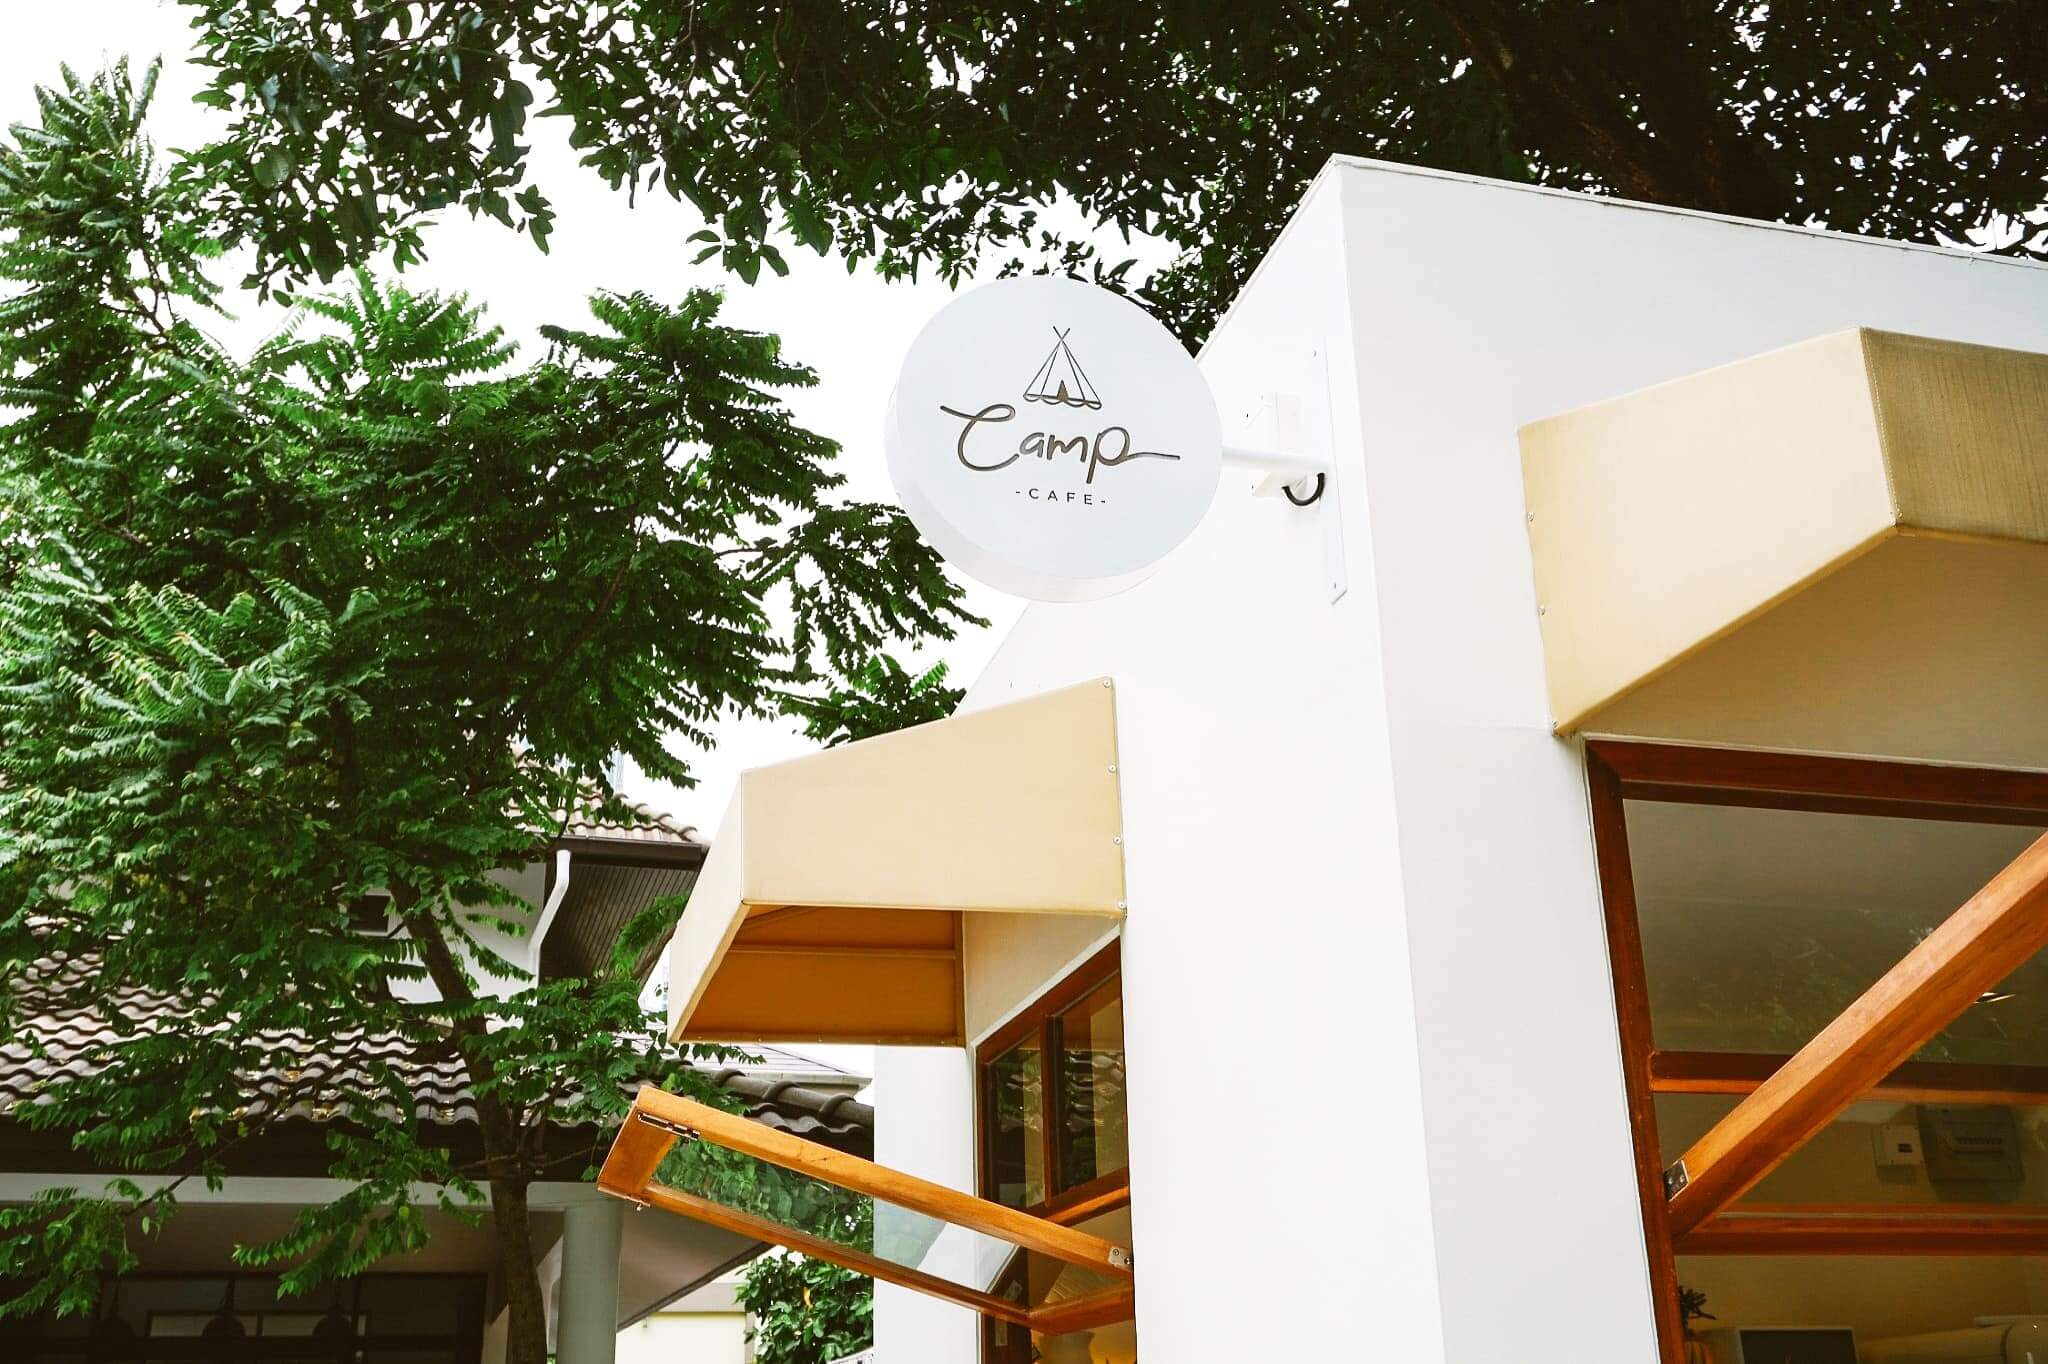 Camp Cafe Ari  คาเฟ่ย่านอารีย์ ที่เป็นทั้งคาเฟ่และแคมปิ้ง